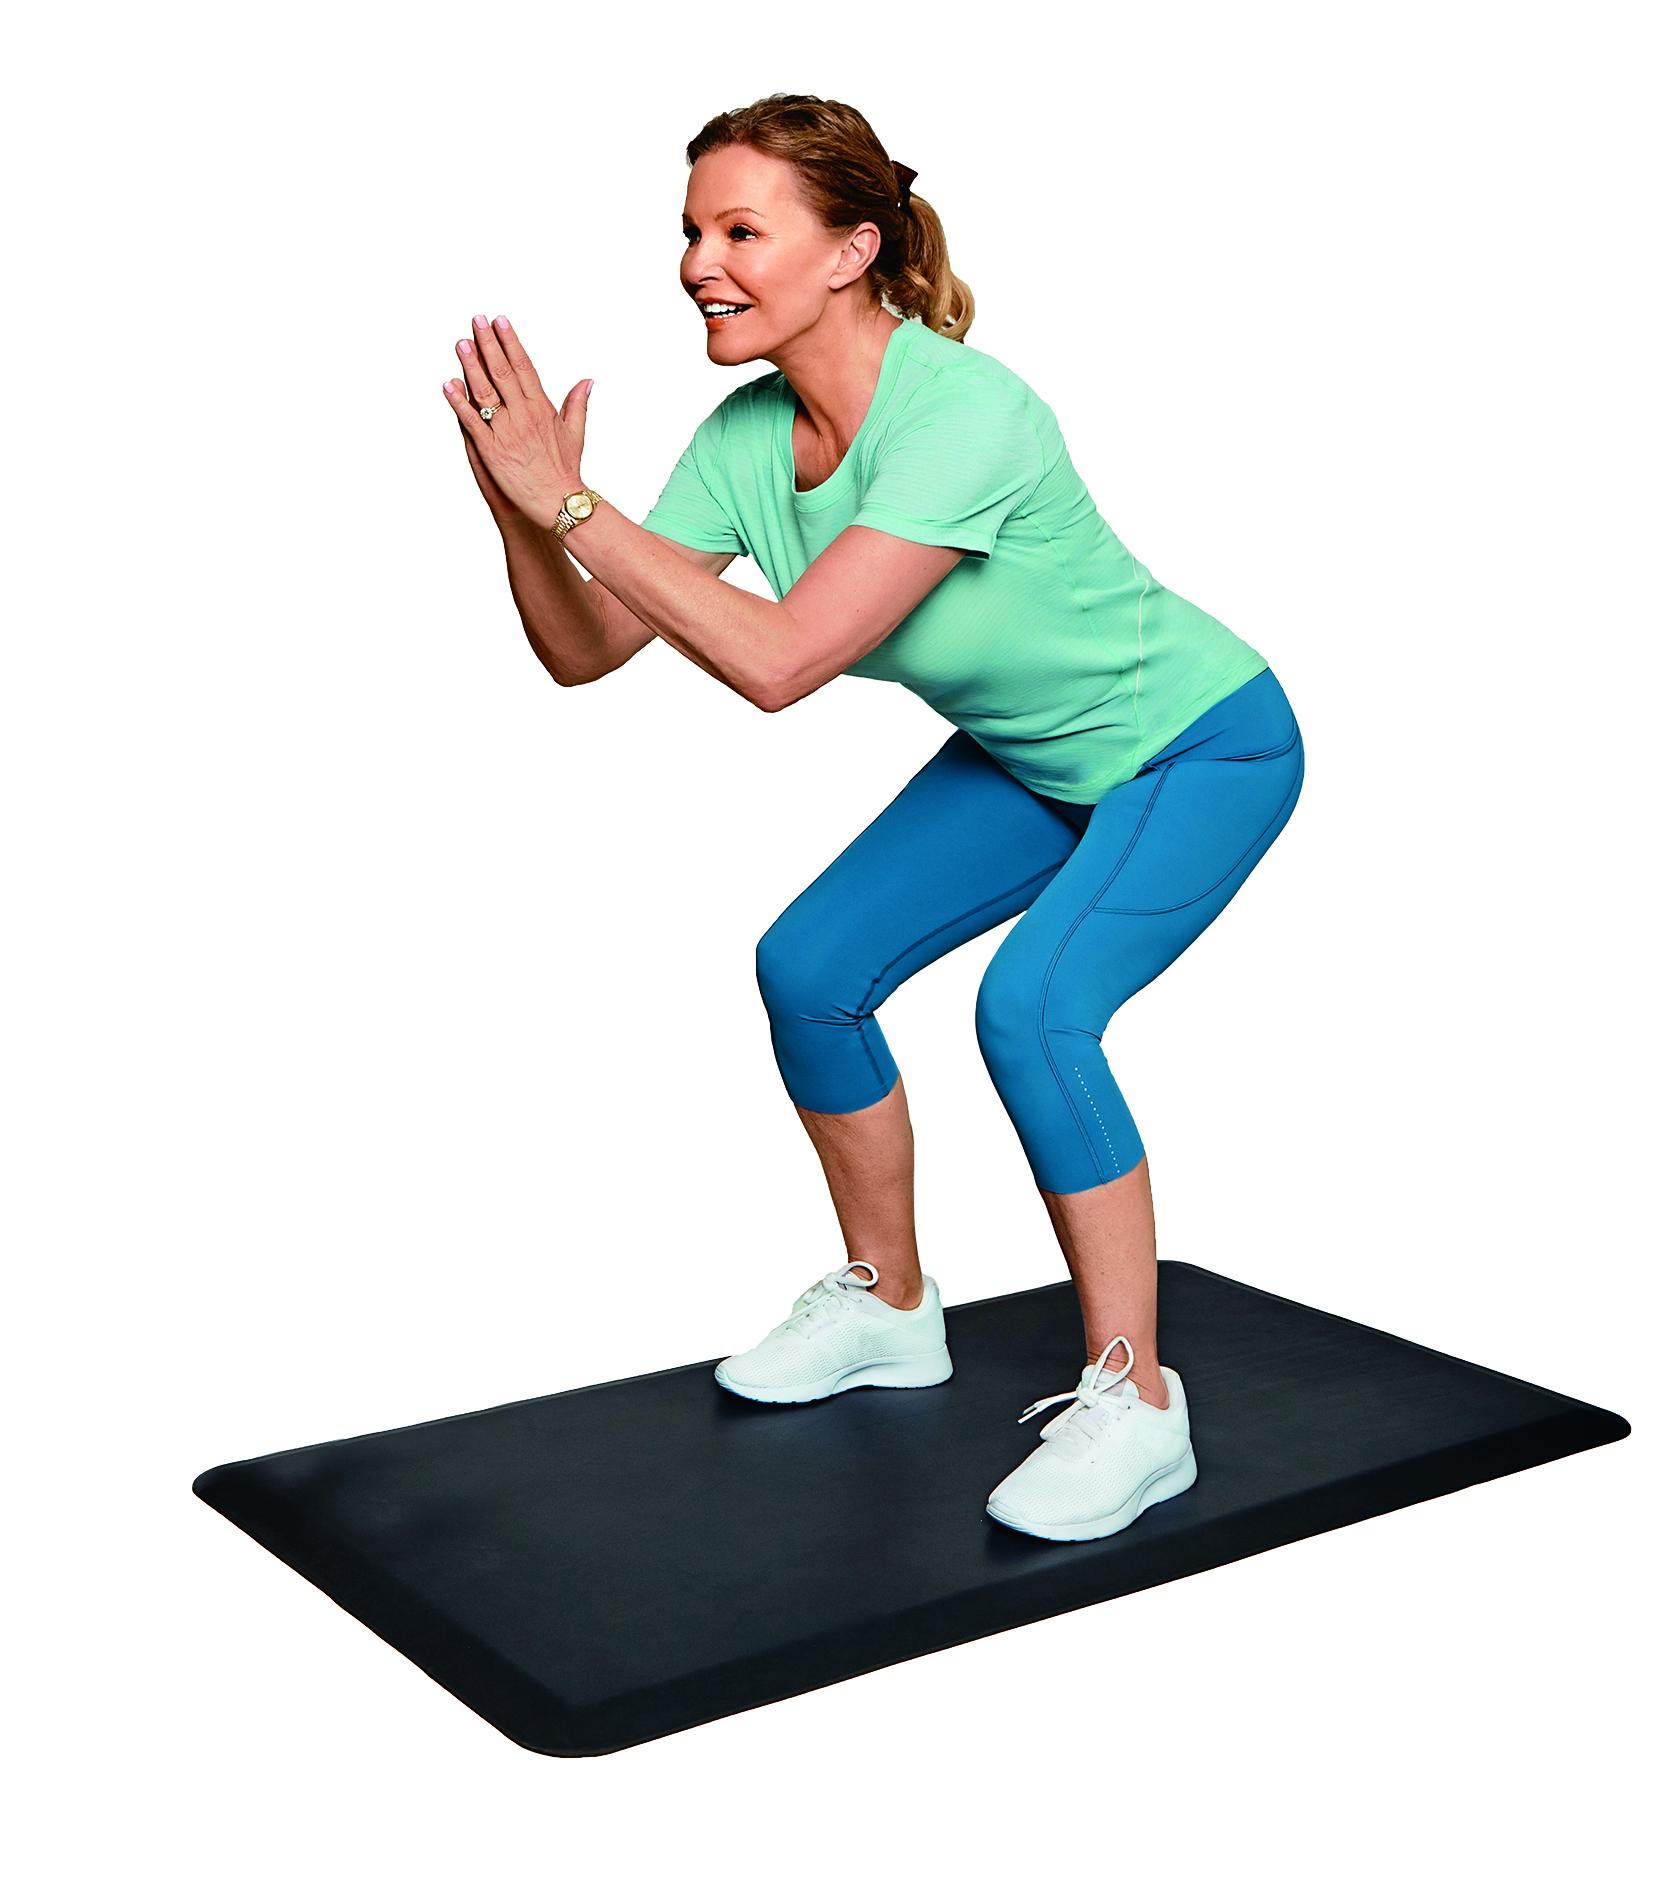 Cheryl Ladd workout